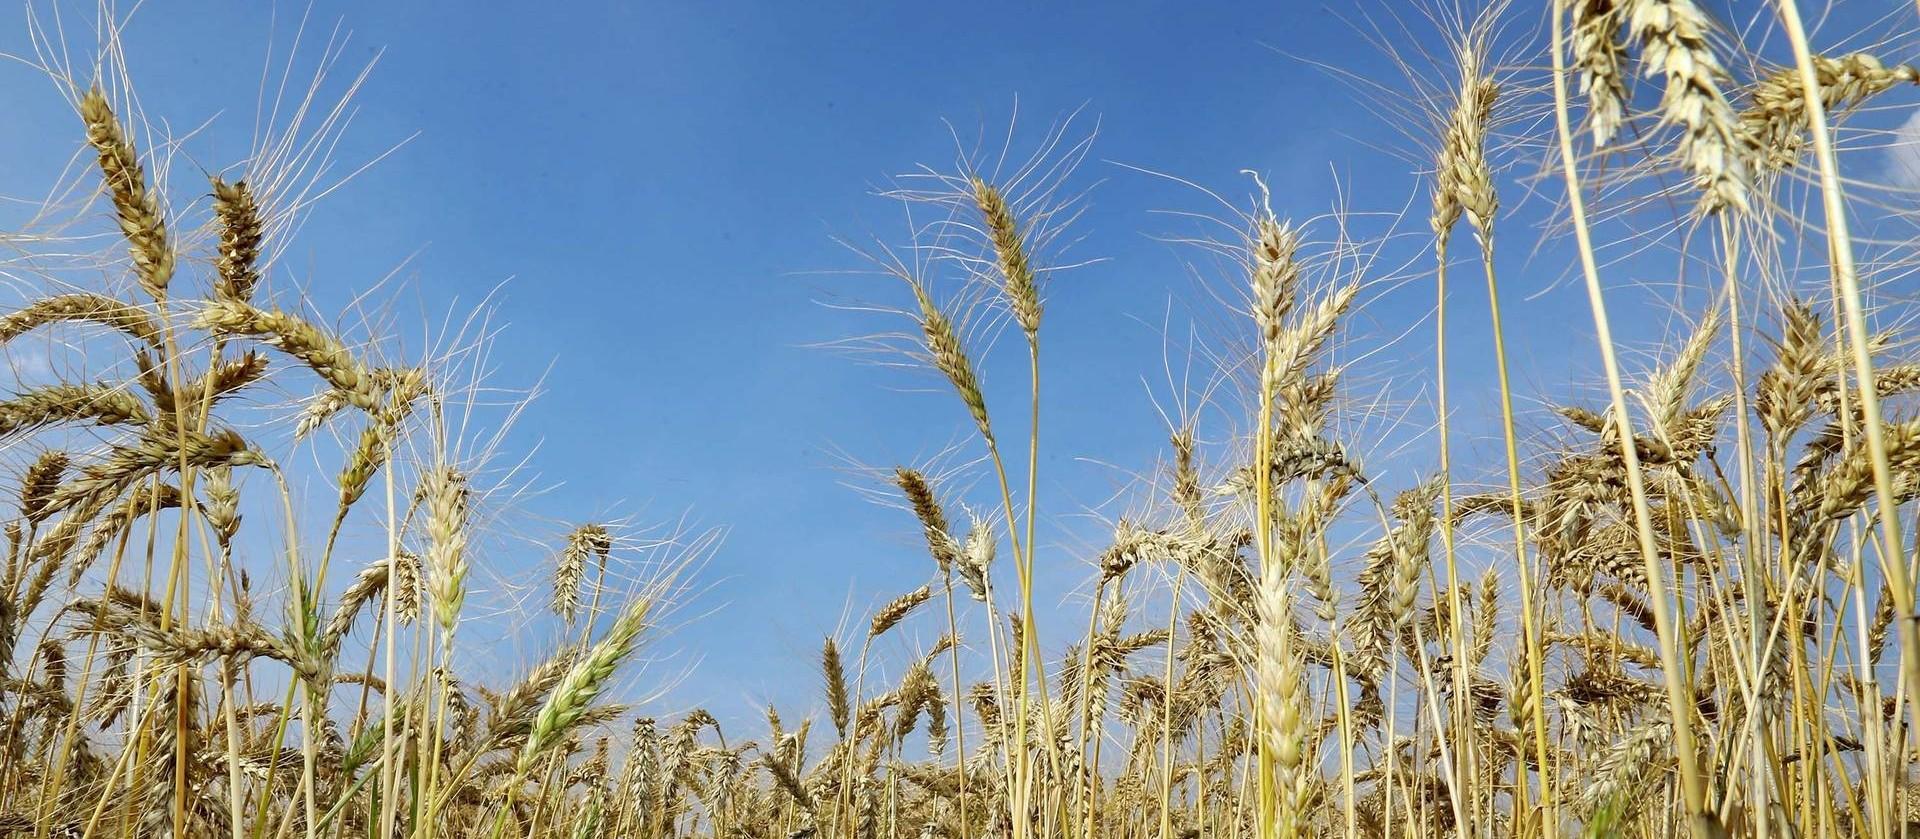 Clima ensolarado acelera colheita do trigo